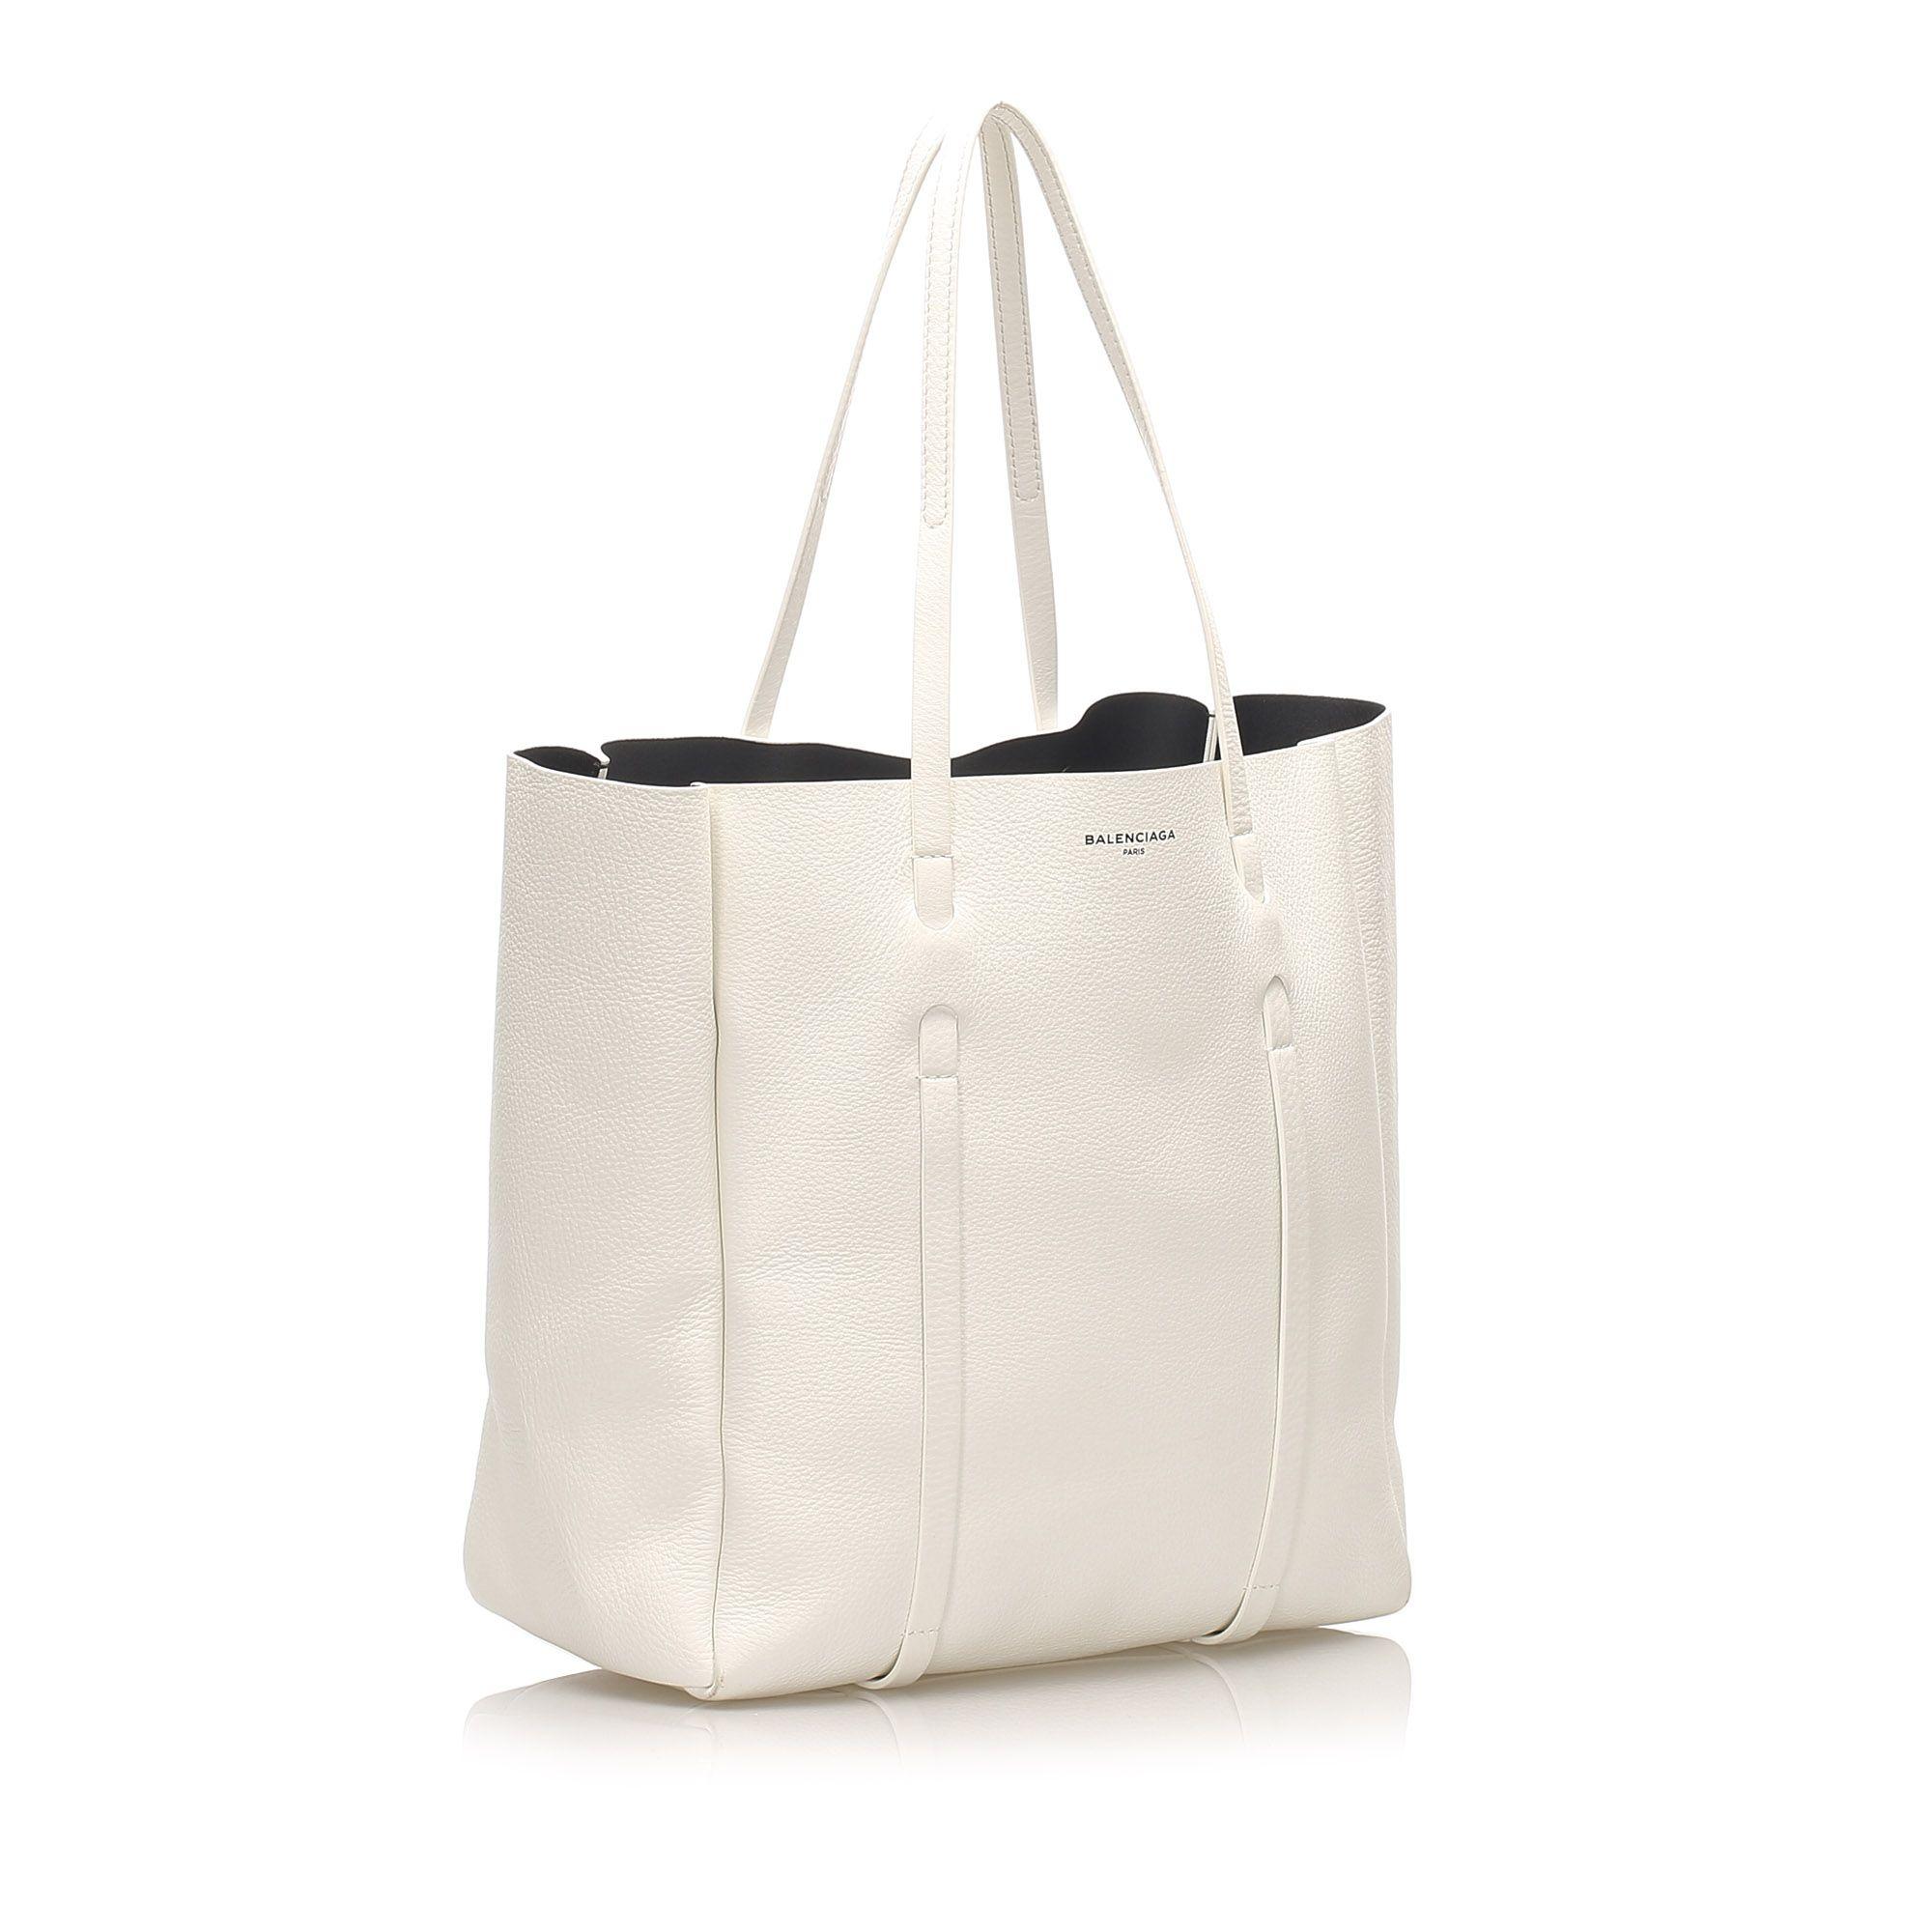 Vintage Balenciaga S Everyday Leather Tote Bag White